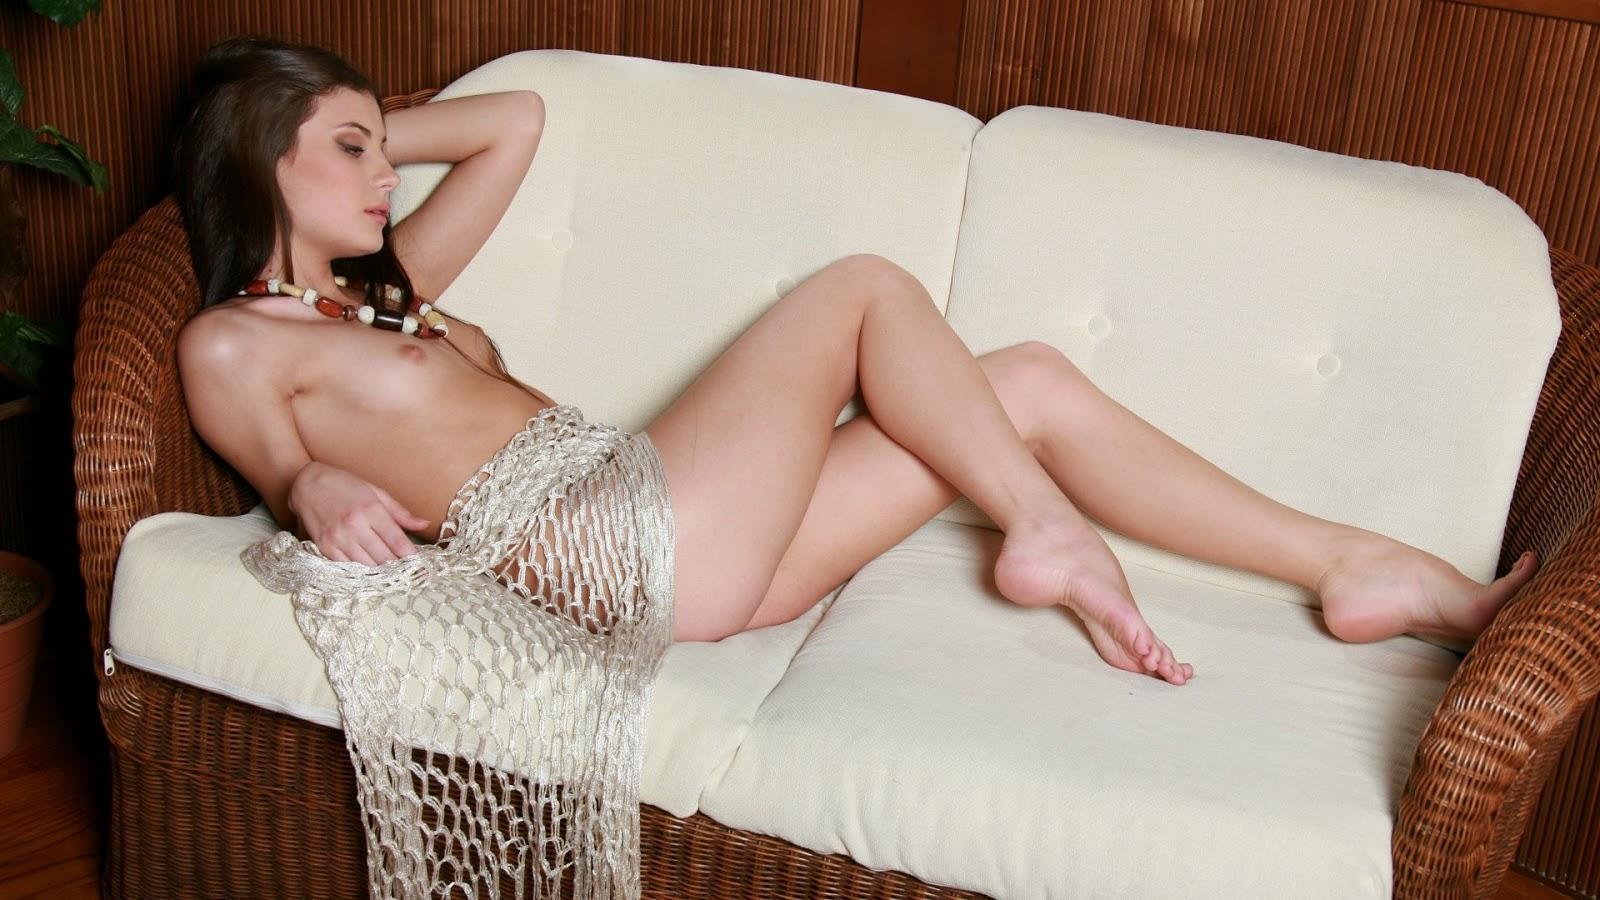 http://1.bp.blogspot.com/-sb-ntCkPIuM/UKuU1L896_I/AAAAAAAAALc/-6agj5fz9G8/s1600/super+and+super+Celebrity+and+Girls+HD+Wallpapers+shapang.blogspot.com+(12).Jpg